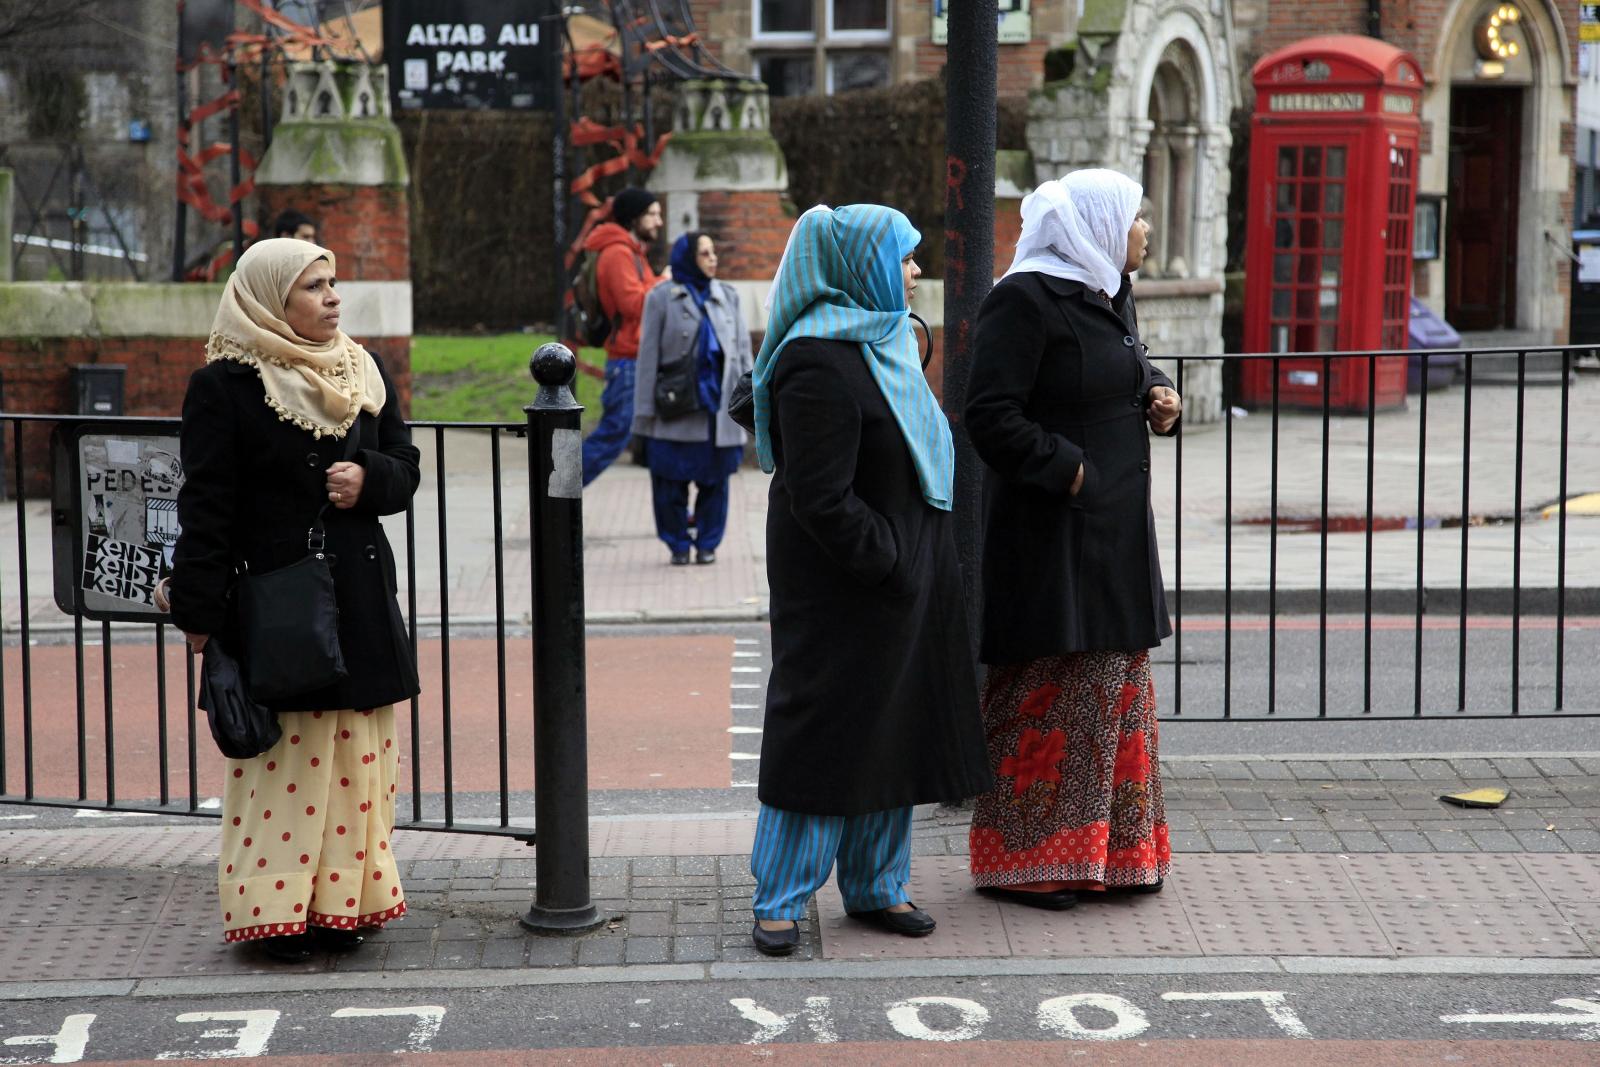 Muslim women wearing heqadscarves